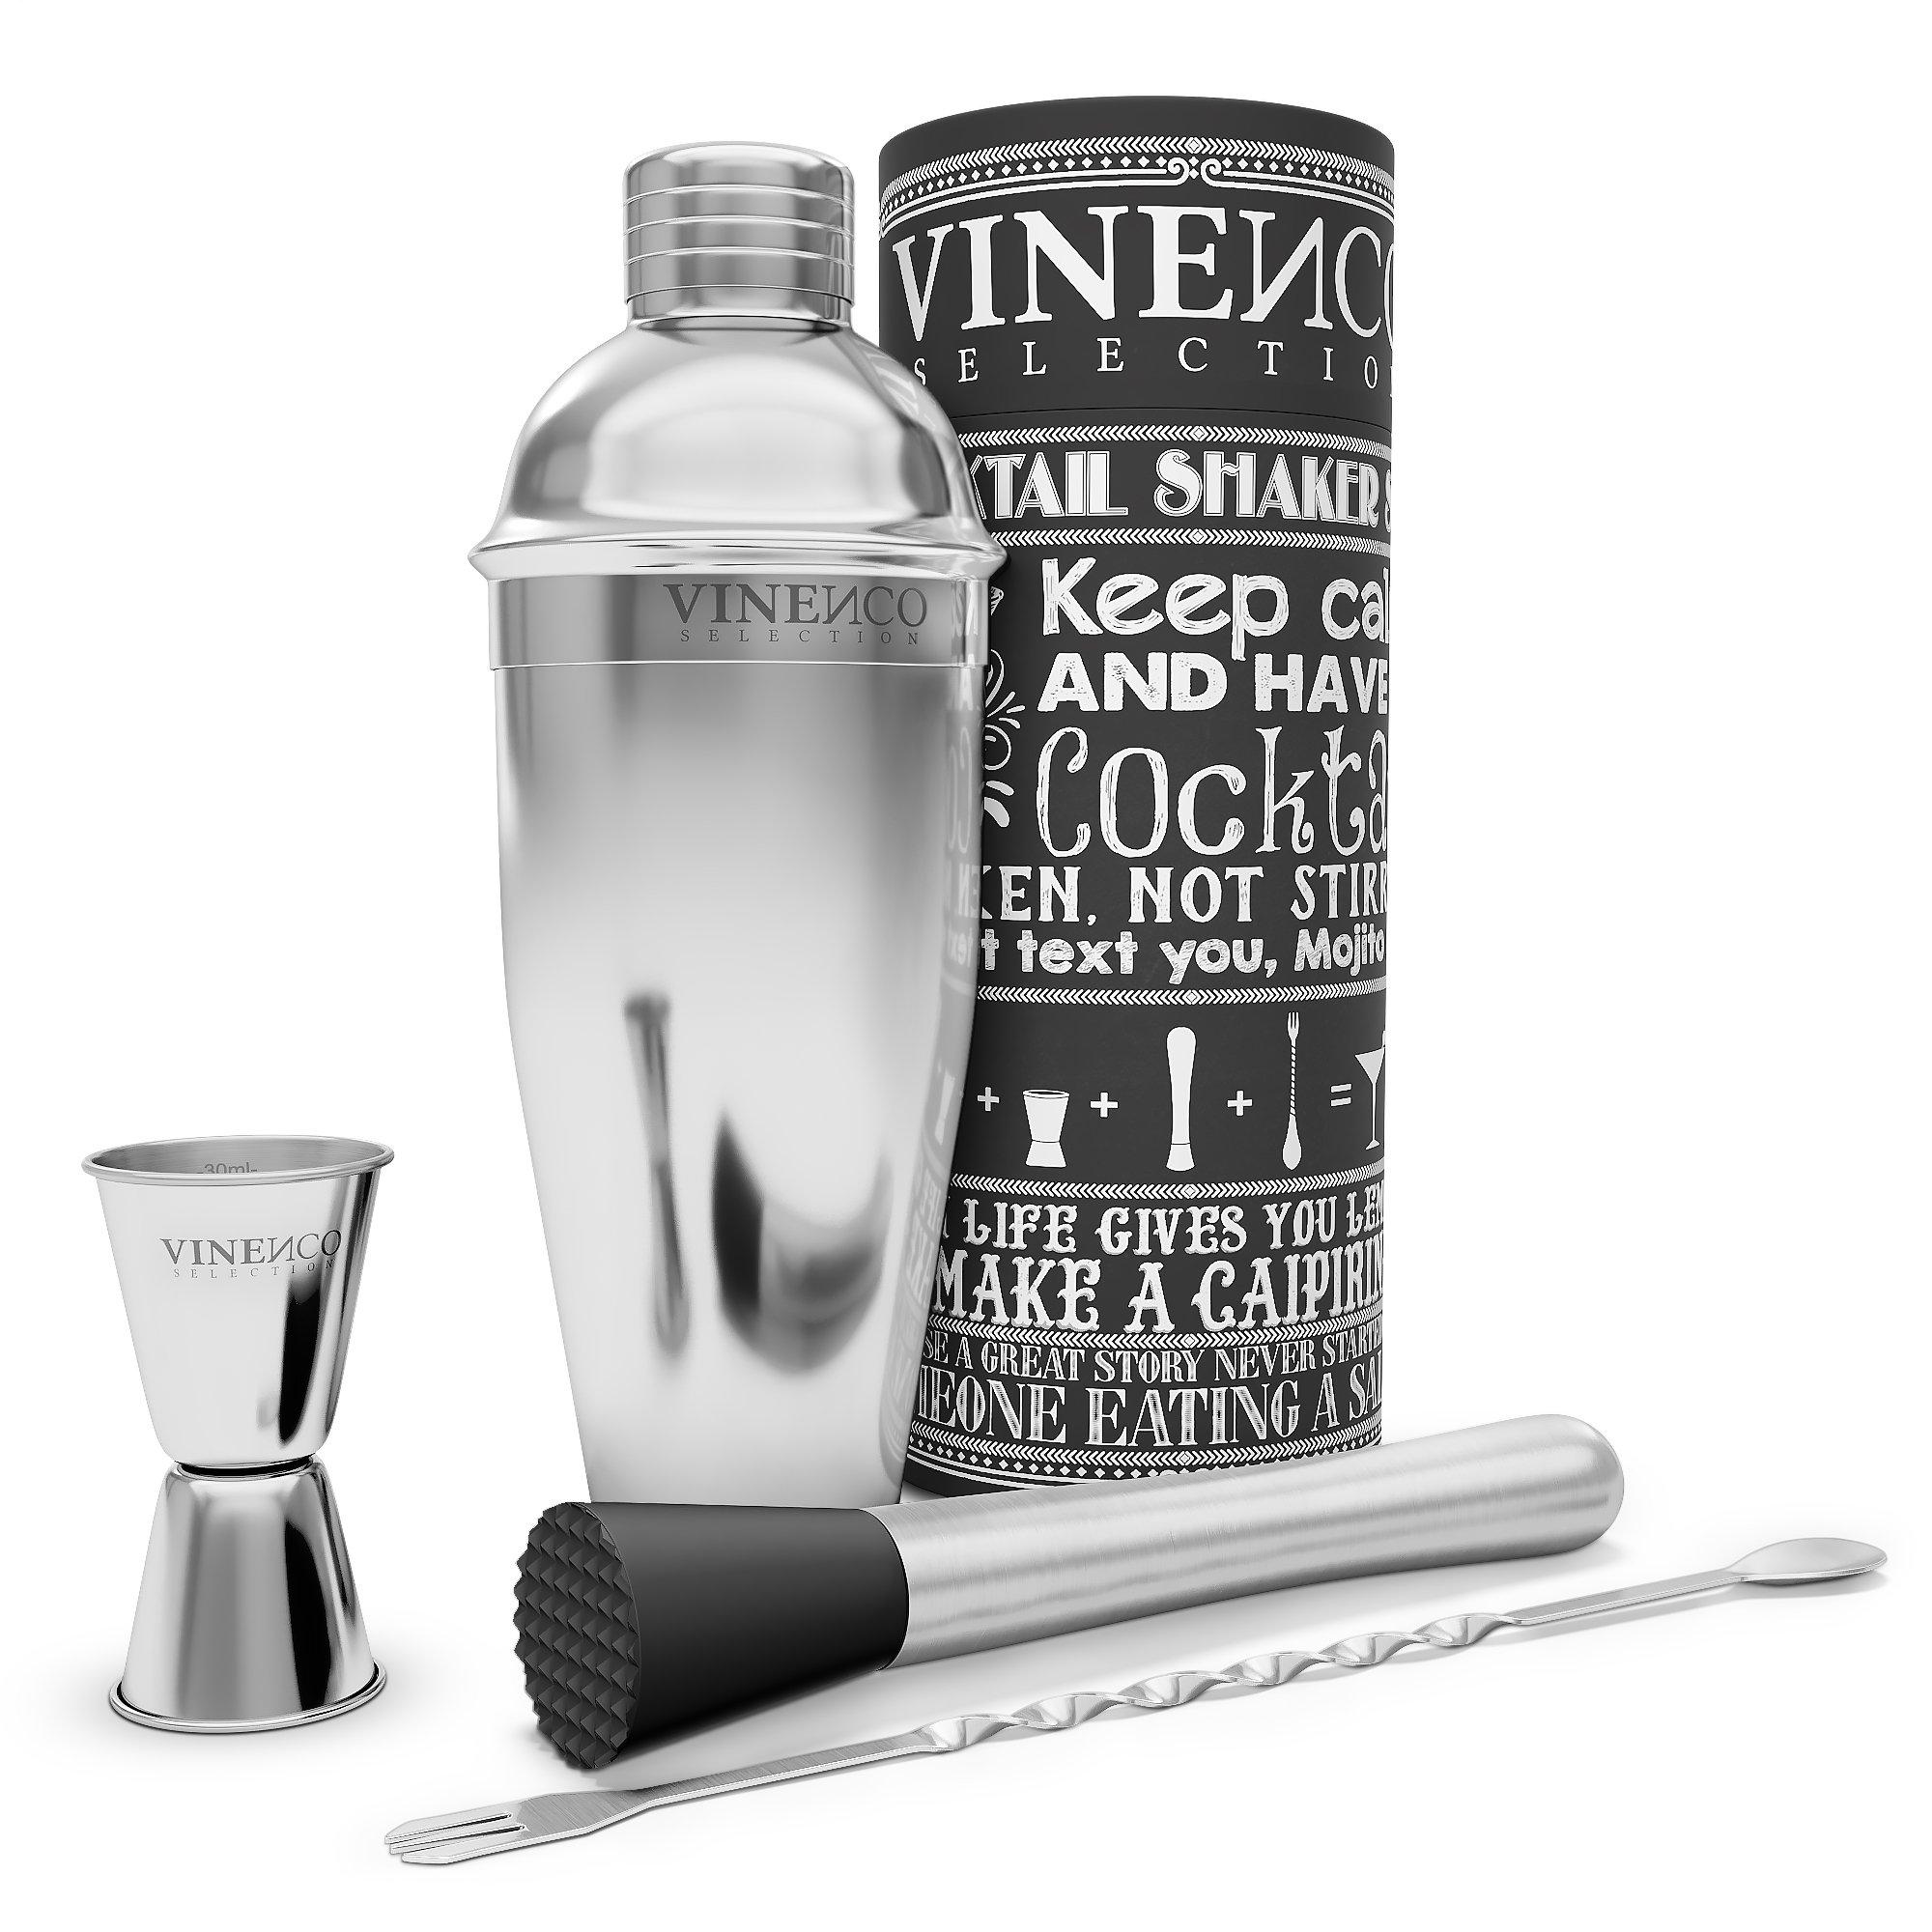 Juego de coctelería complete VINENCO + libro electrónico de recetas – Coctelera de acero inoxidable |